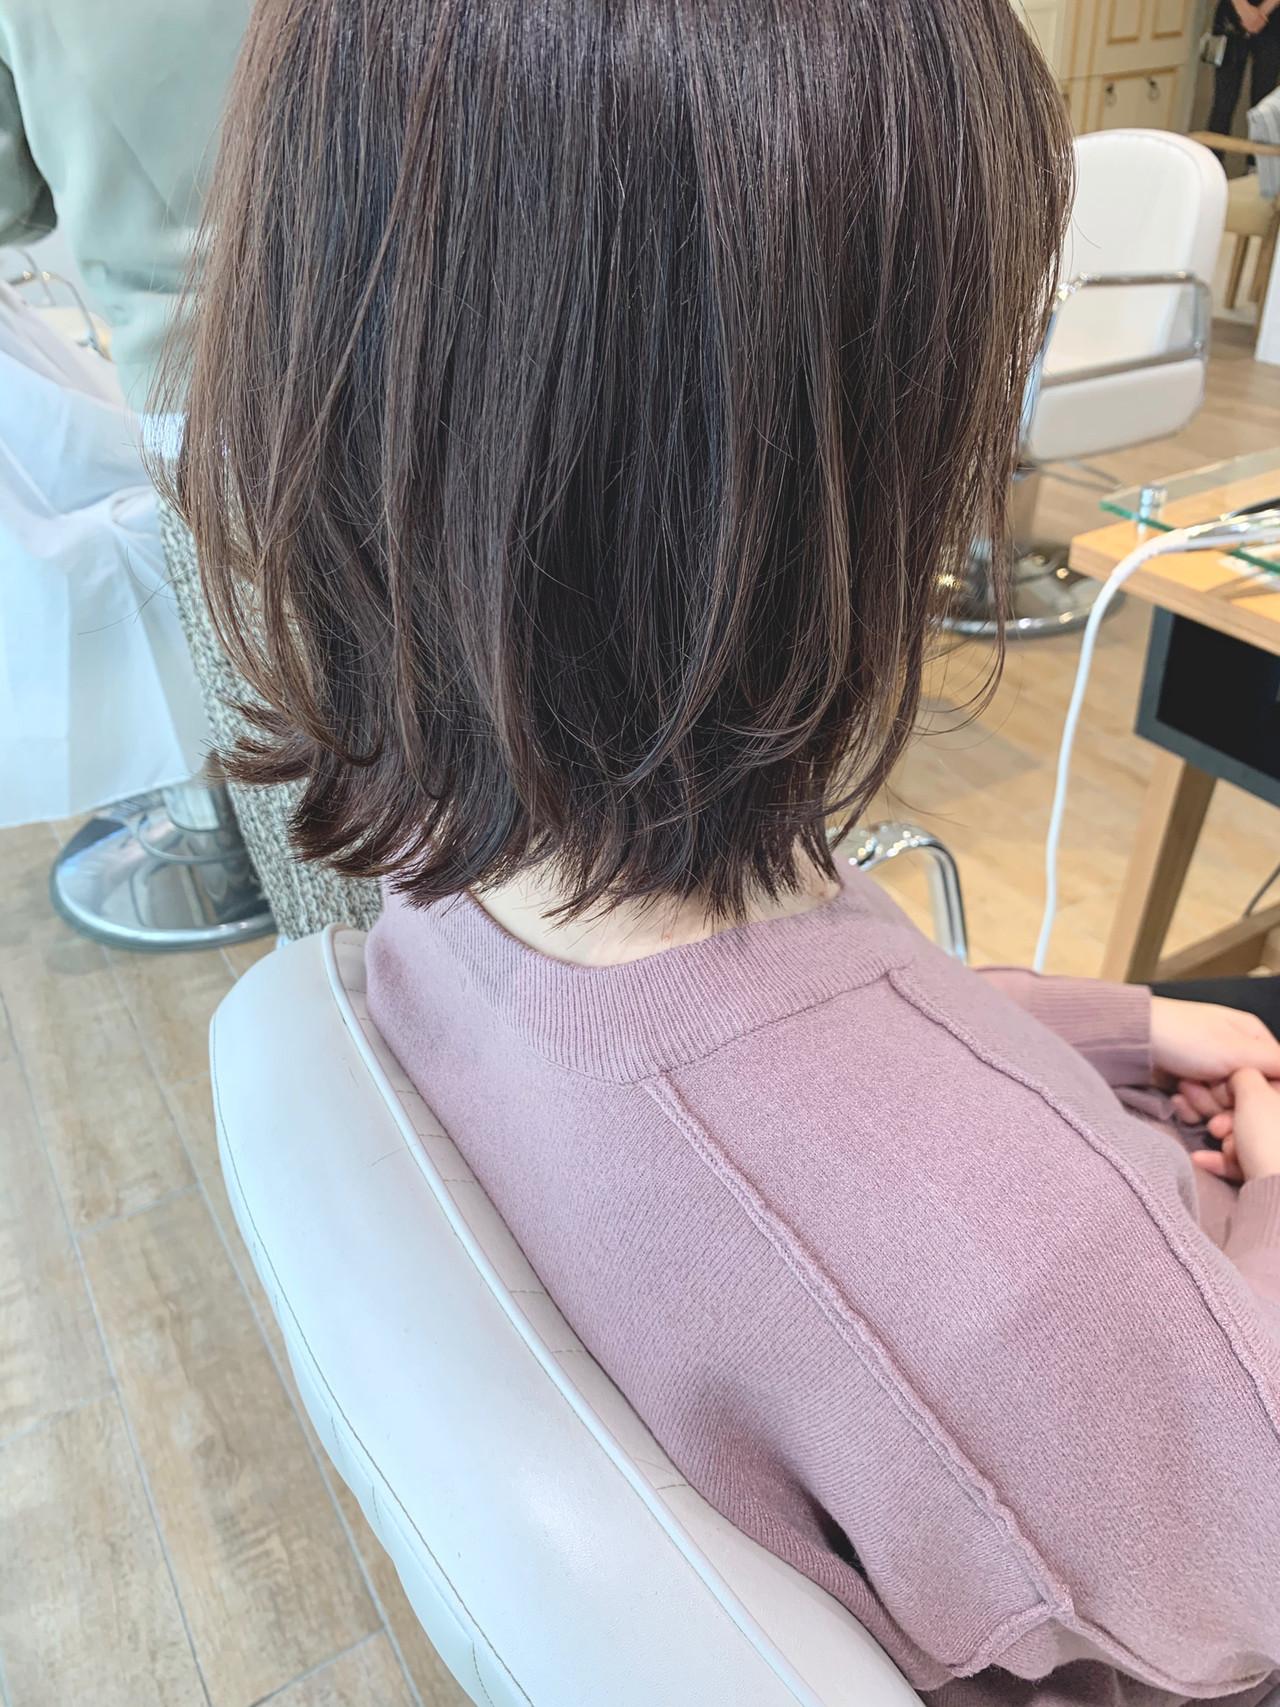 ショートボブ ボブ ガーリー ショートヘア ヘアスタイルや髪型の写真・画像